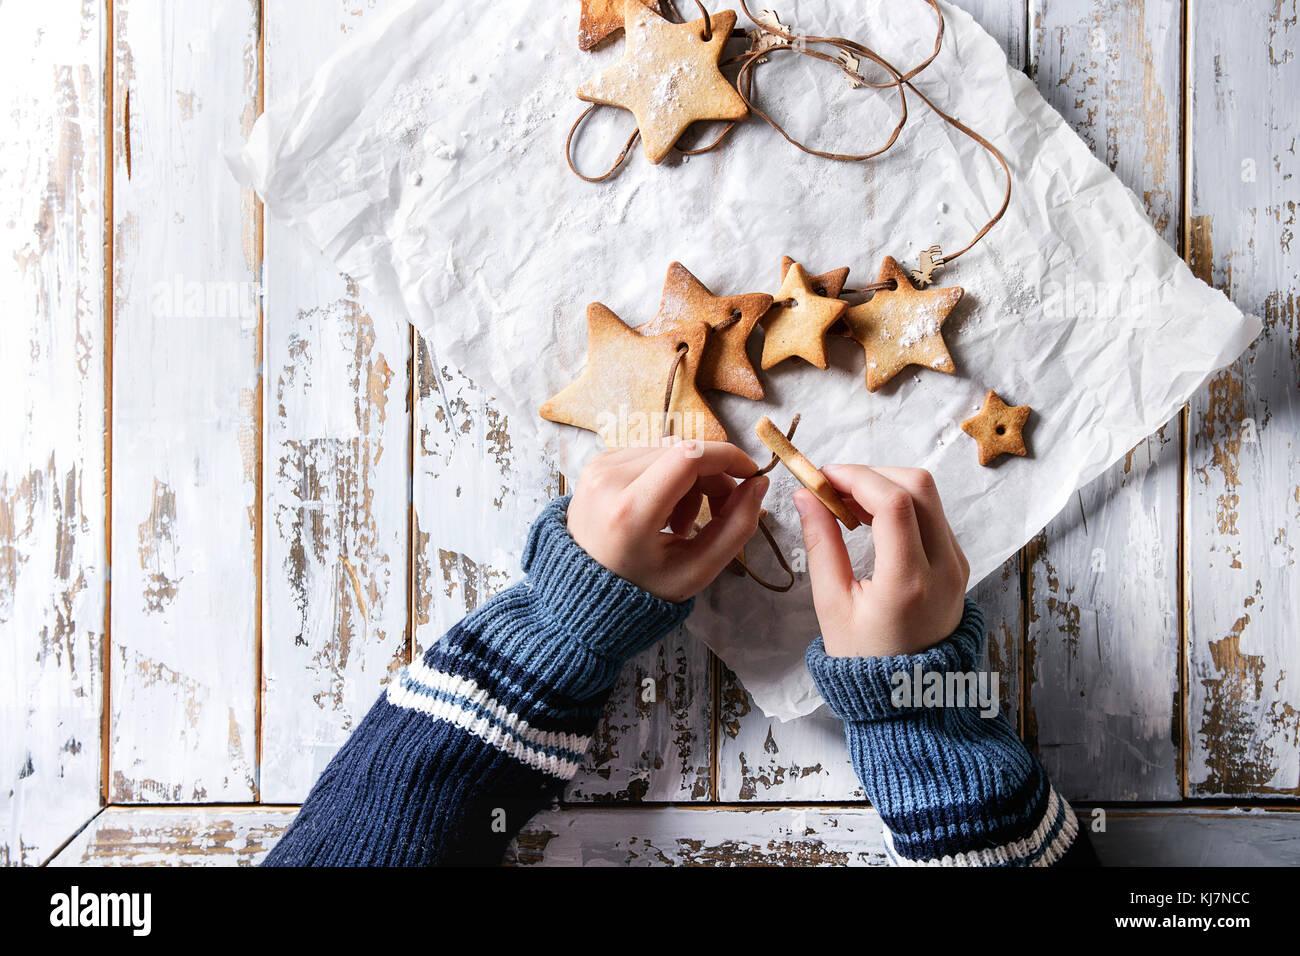 Niño manos hacen guirnalda de galletas caseras galletas de azúcar en forma de estrella en el subproceso Imagen De Stock